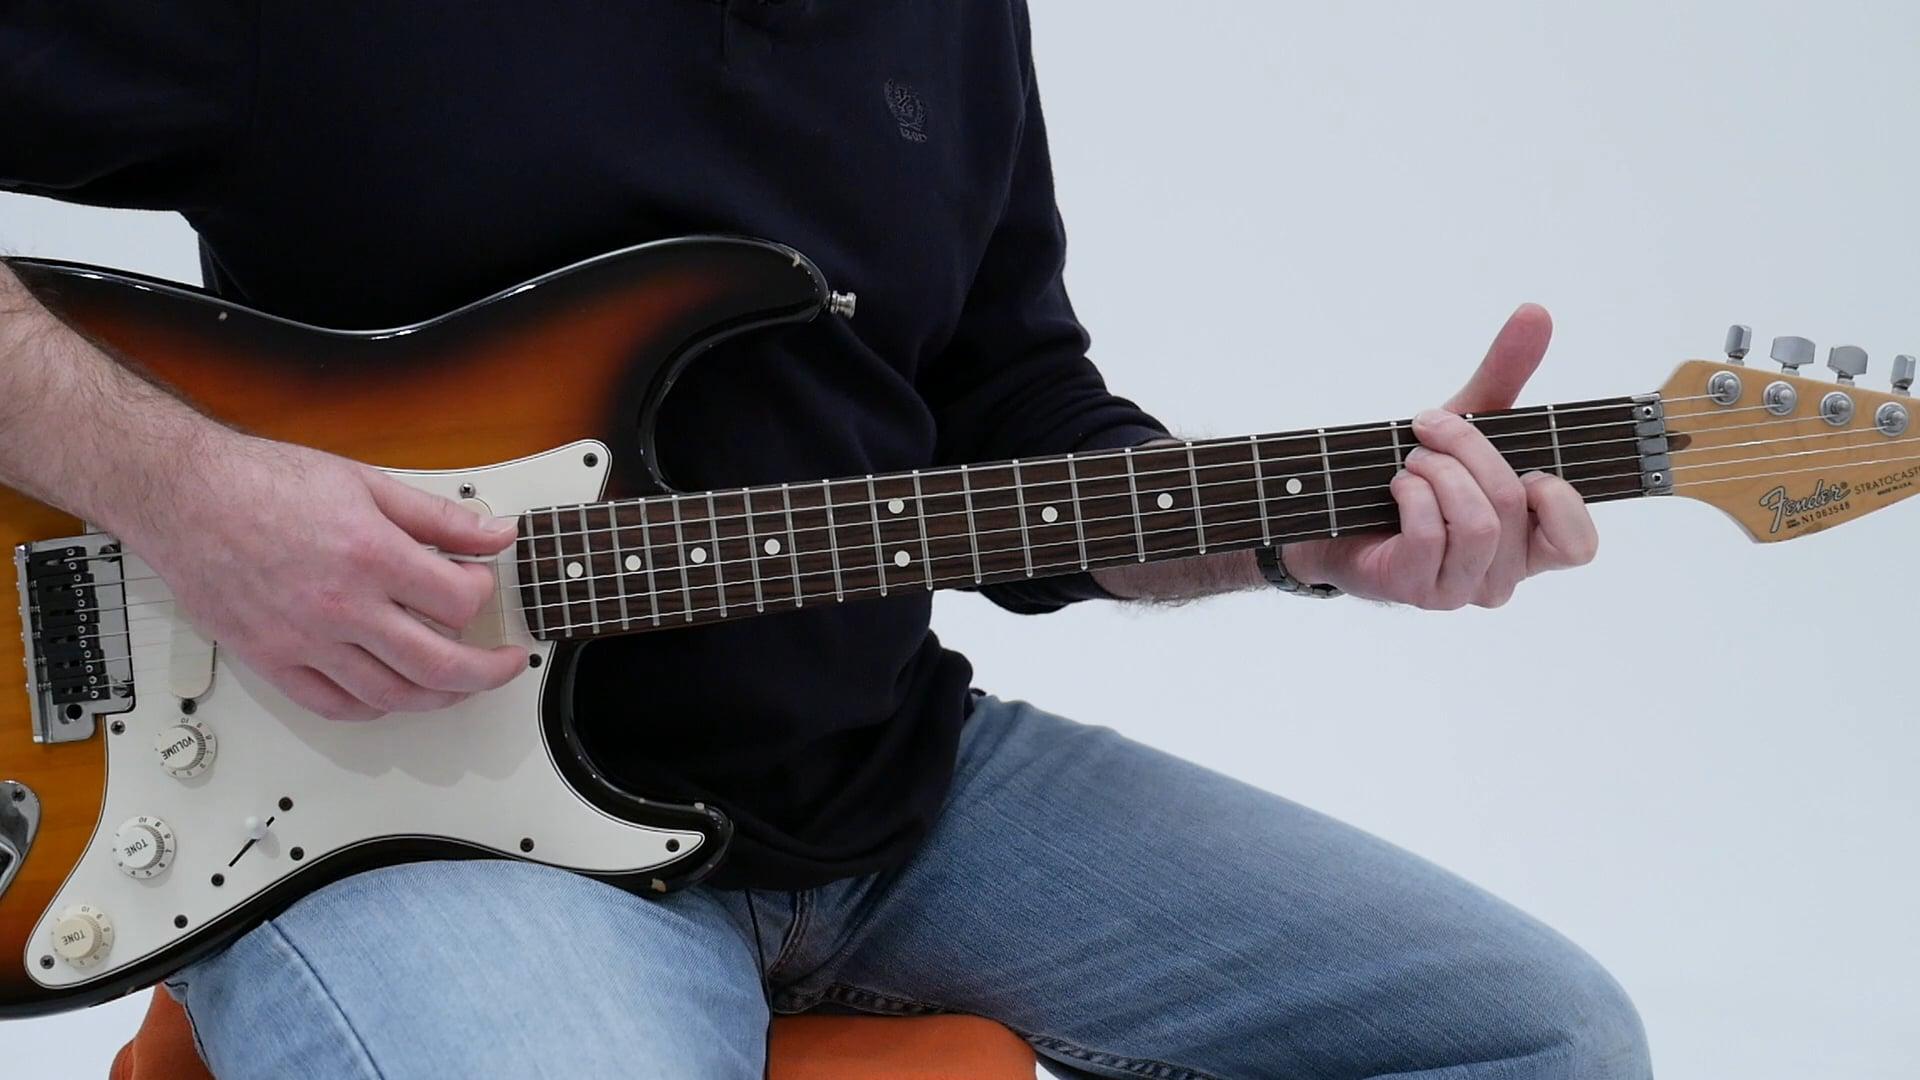 Gm7b5 chord